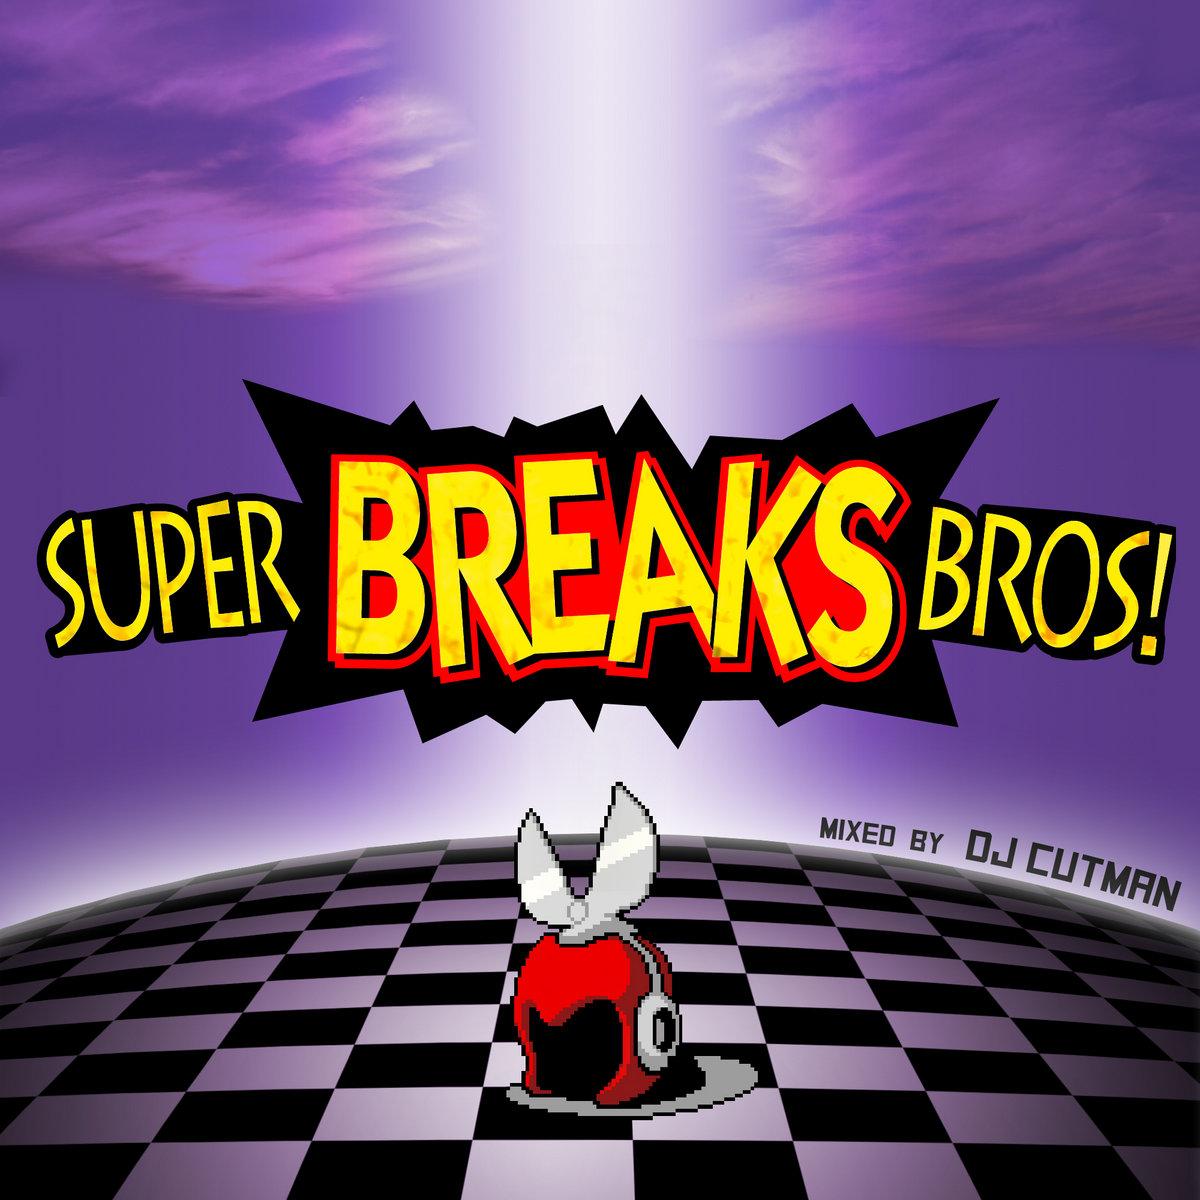 Super BREAKS Bros!   Dj CUTMAN